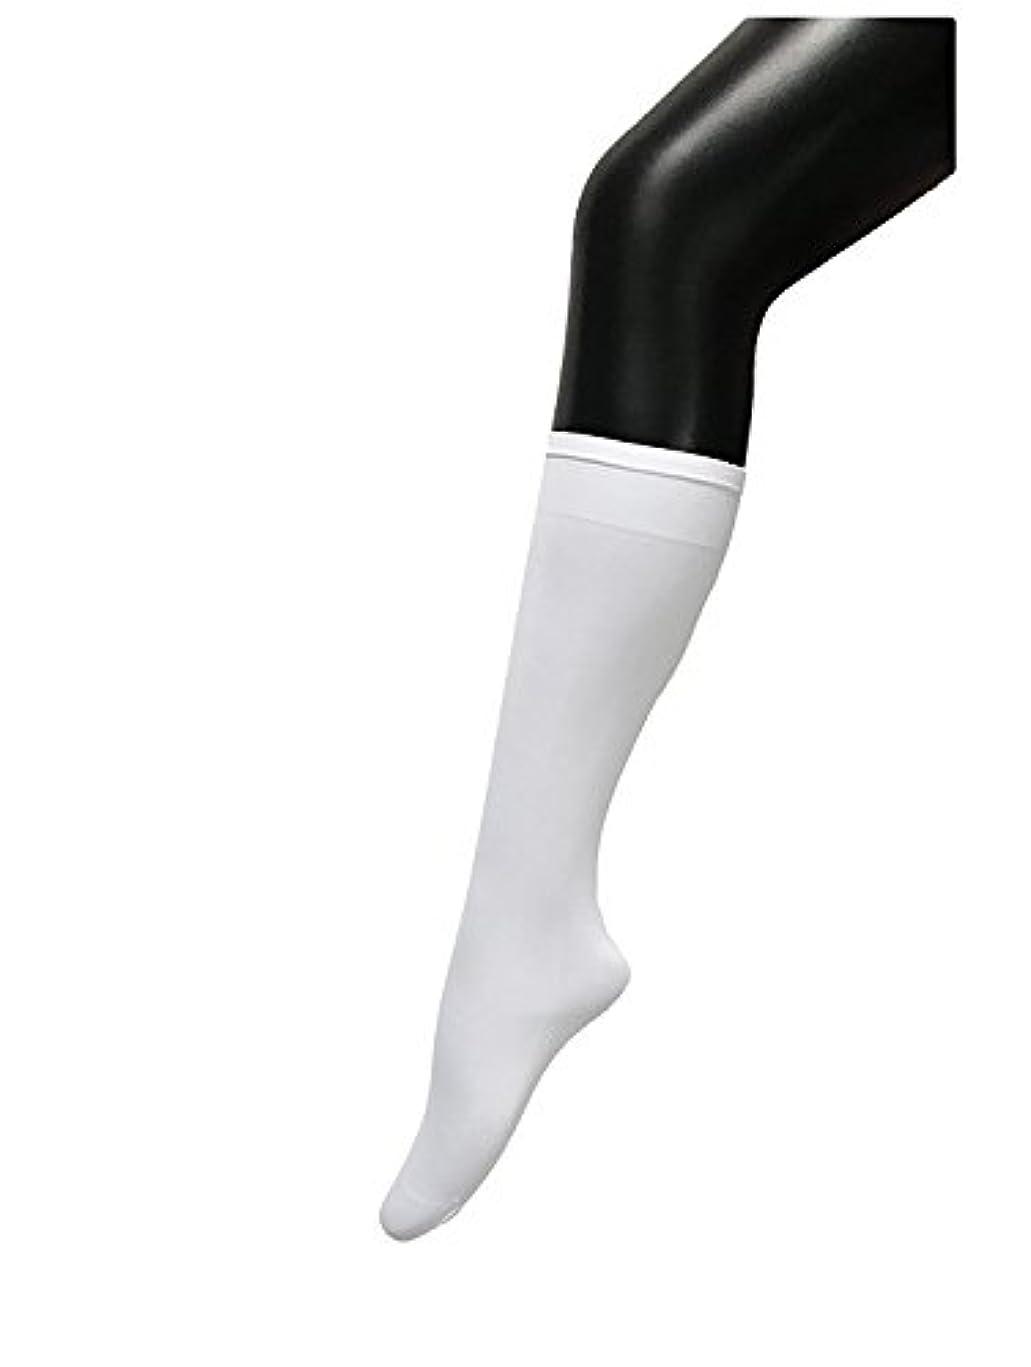 事故緩む予測COSCO ストッキング ソックス ニーソックス 膝下タイプ 着圧 美脚 40CM